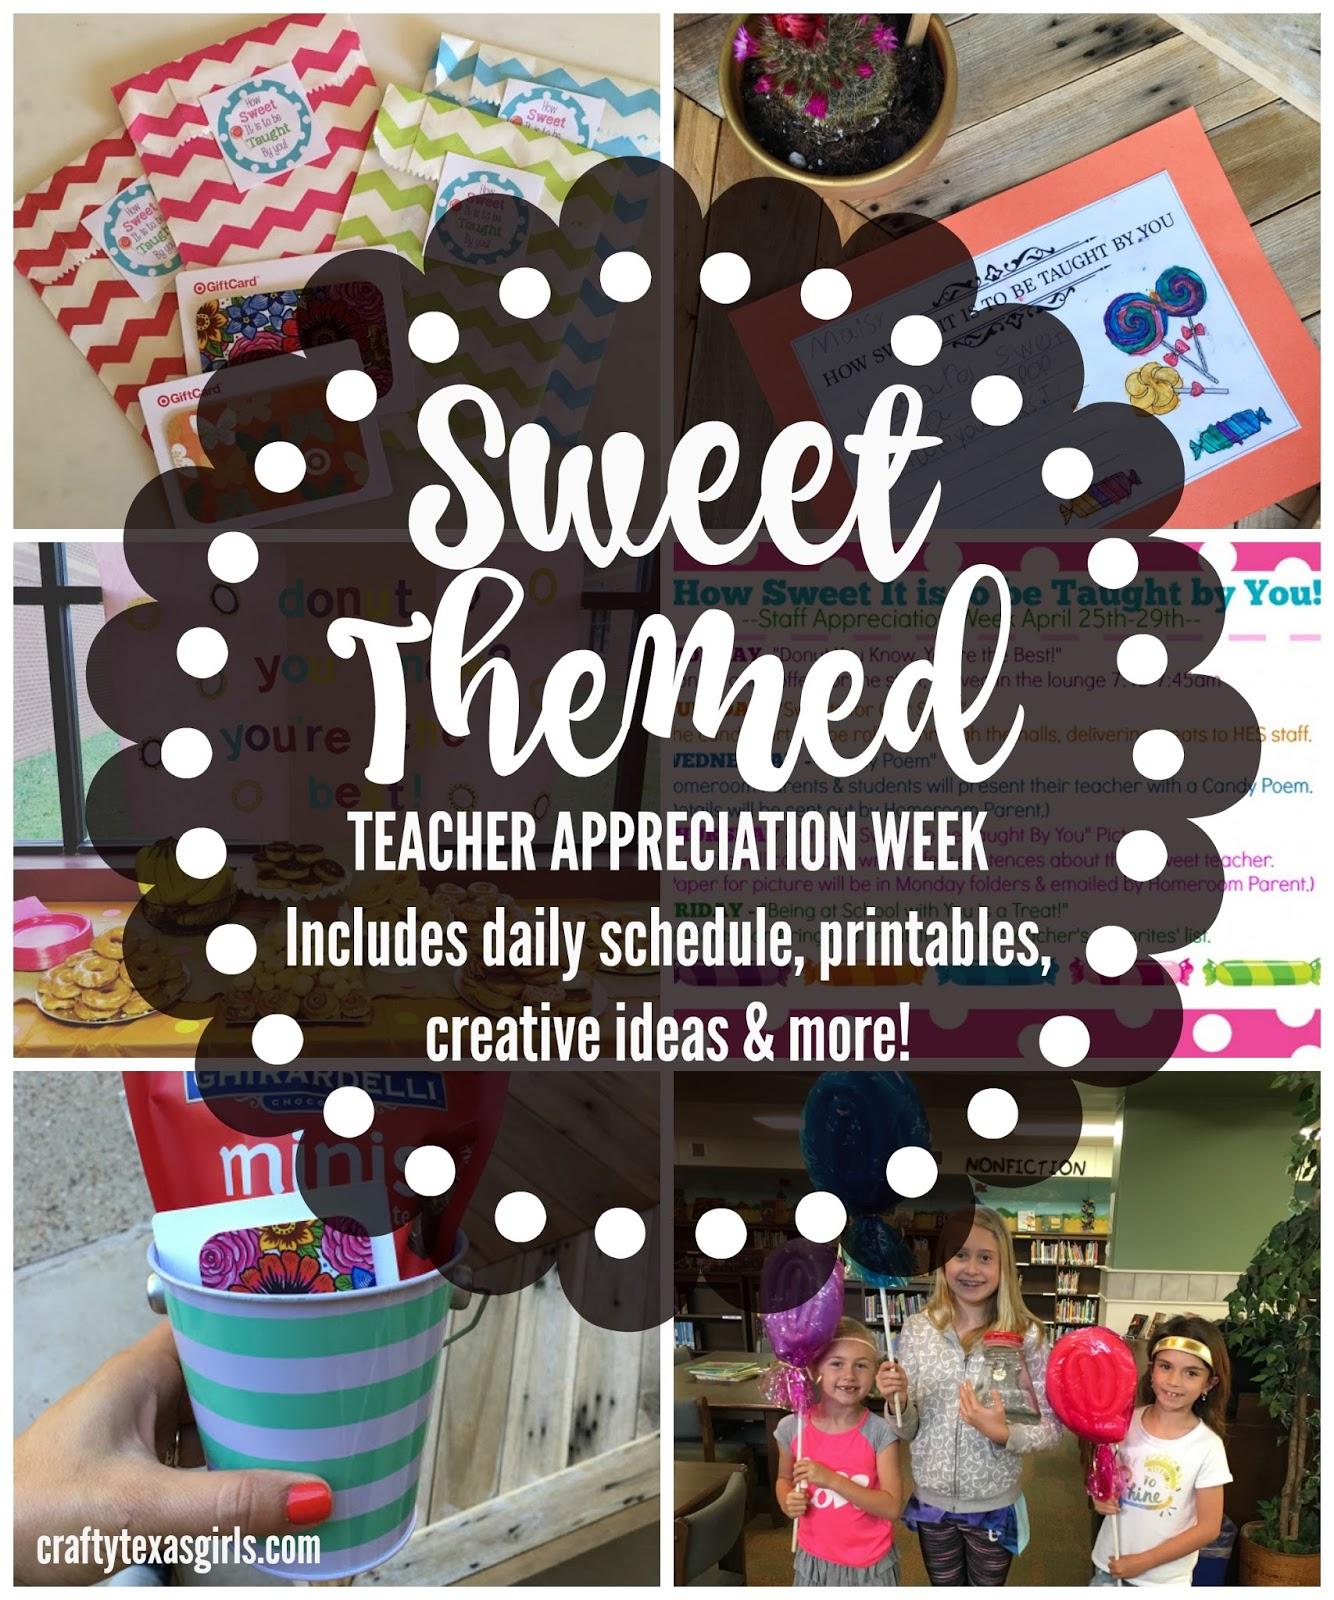 Teacher Appreciation Week In Texas: Crafty Texas Girls  Sweet Candy Themed Teacher Appreciation Week,